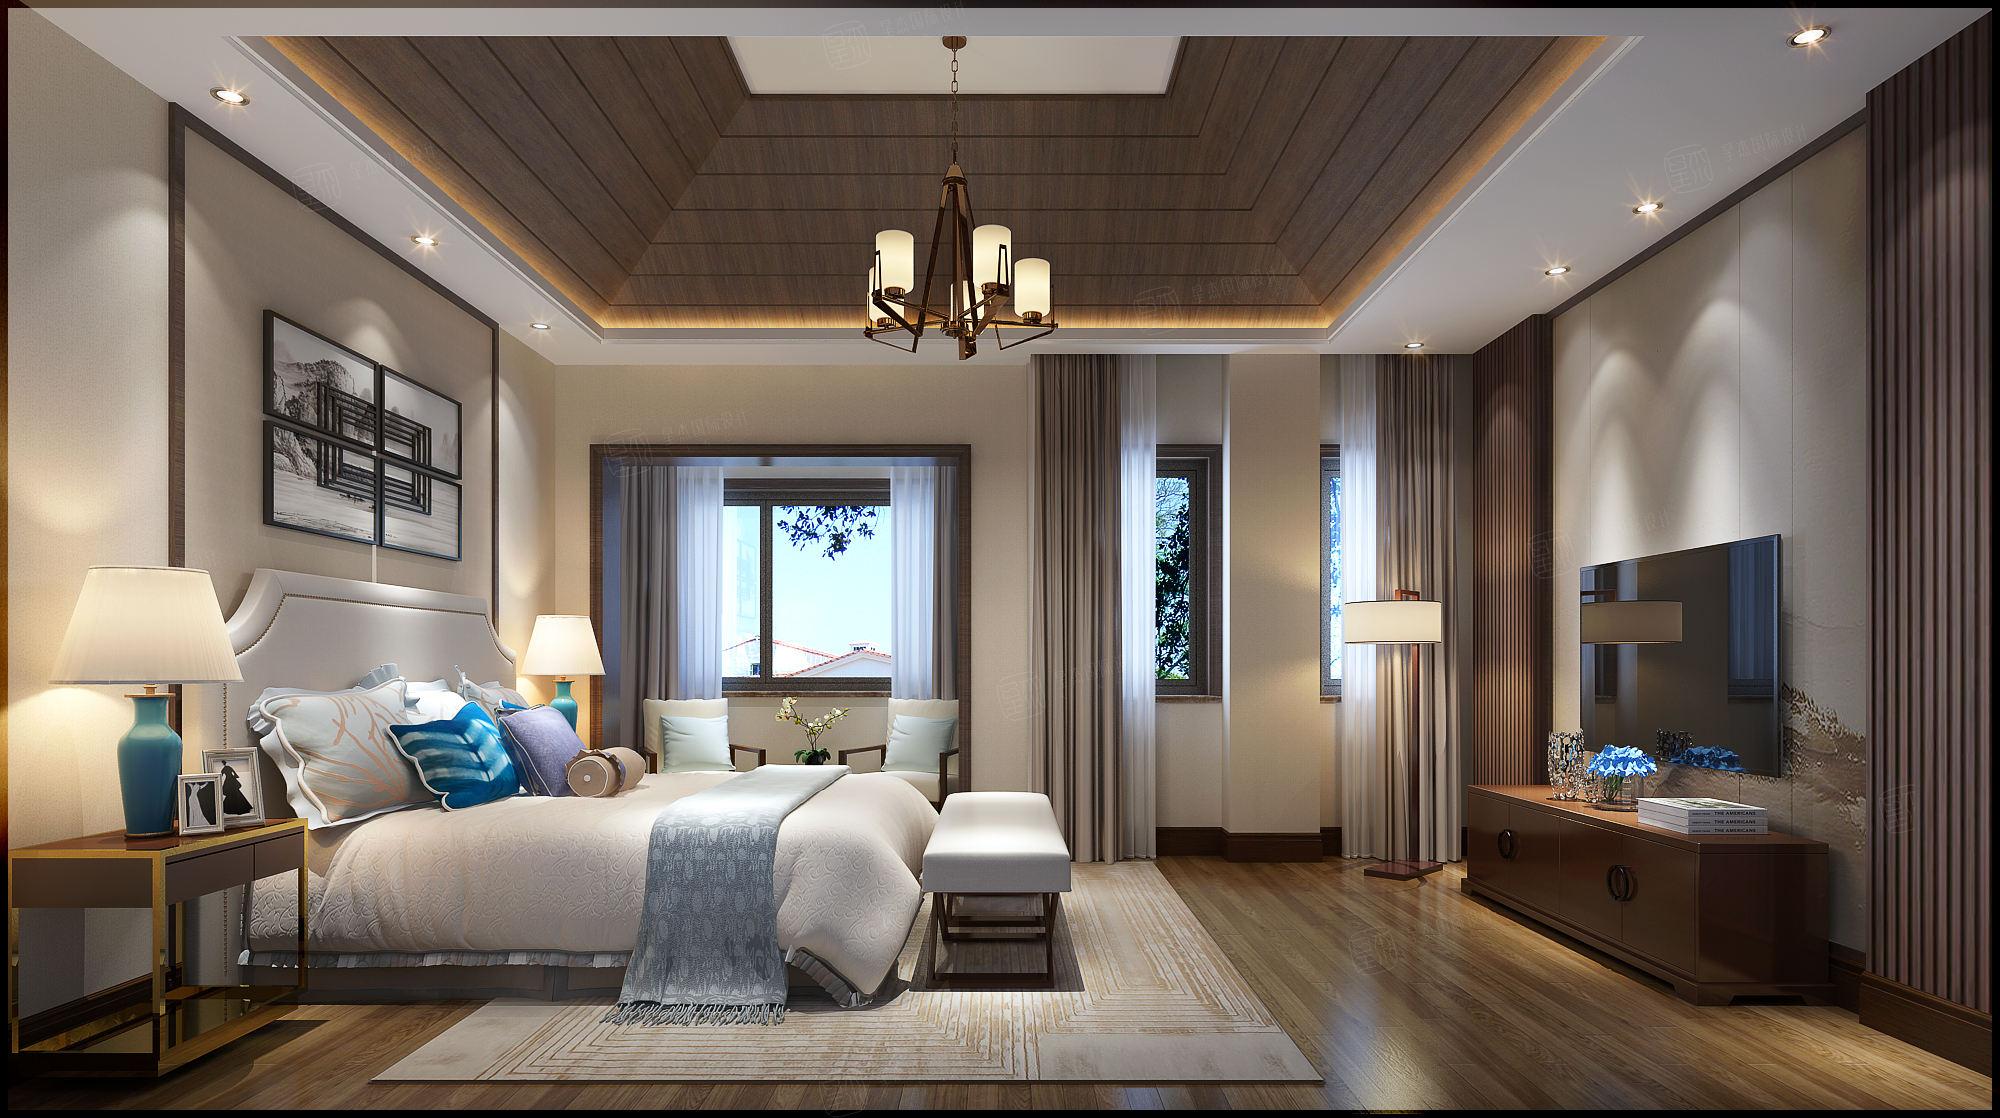 景瑞望府 新中式装修卧室效果图